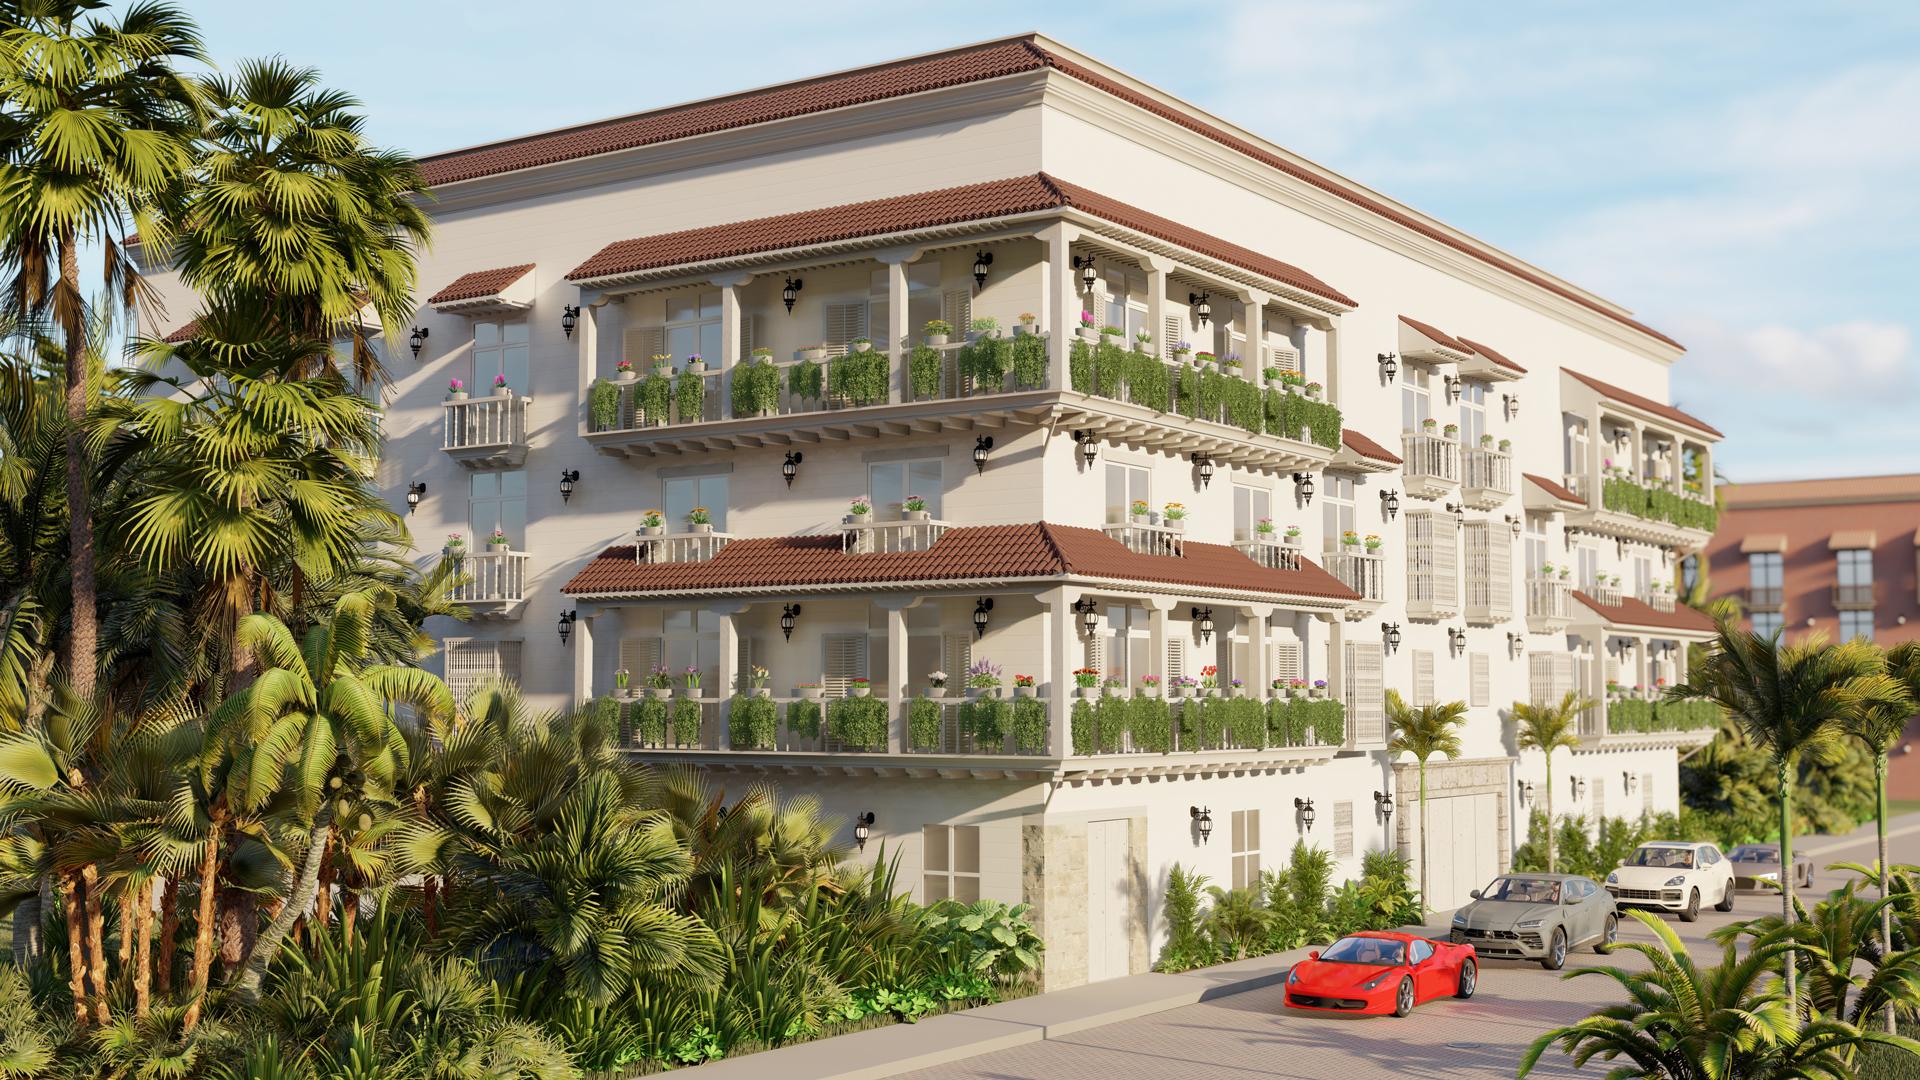 La-Victoria-colonial-hotel_Render22